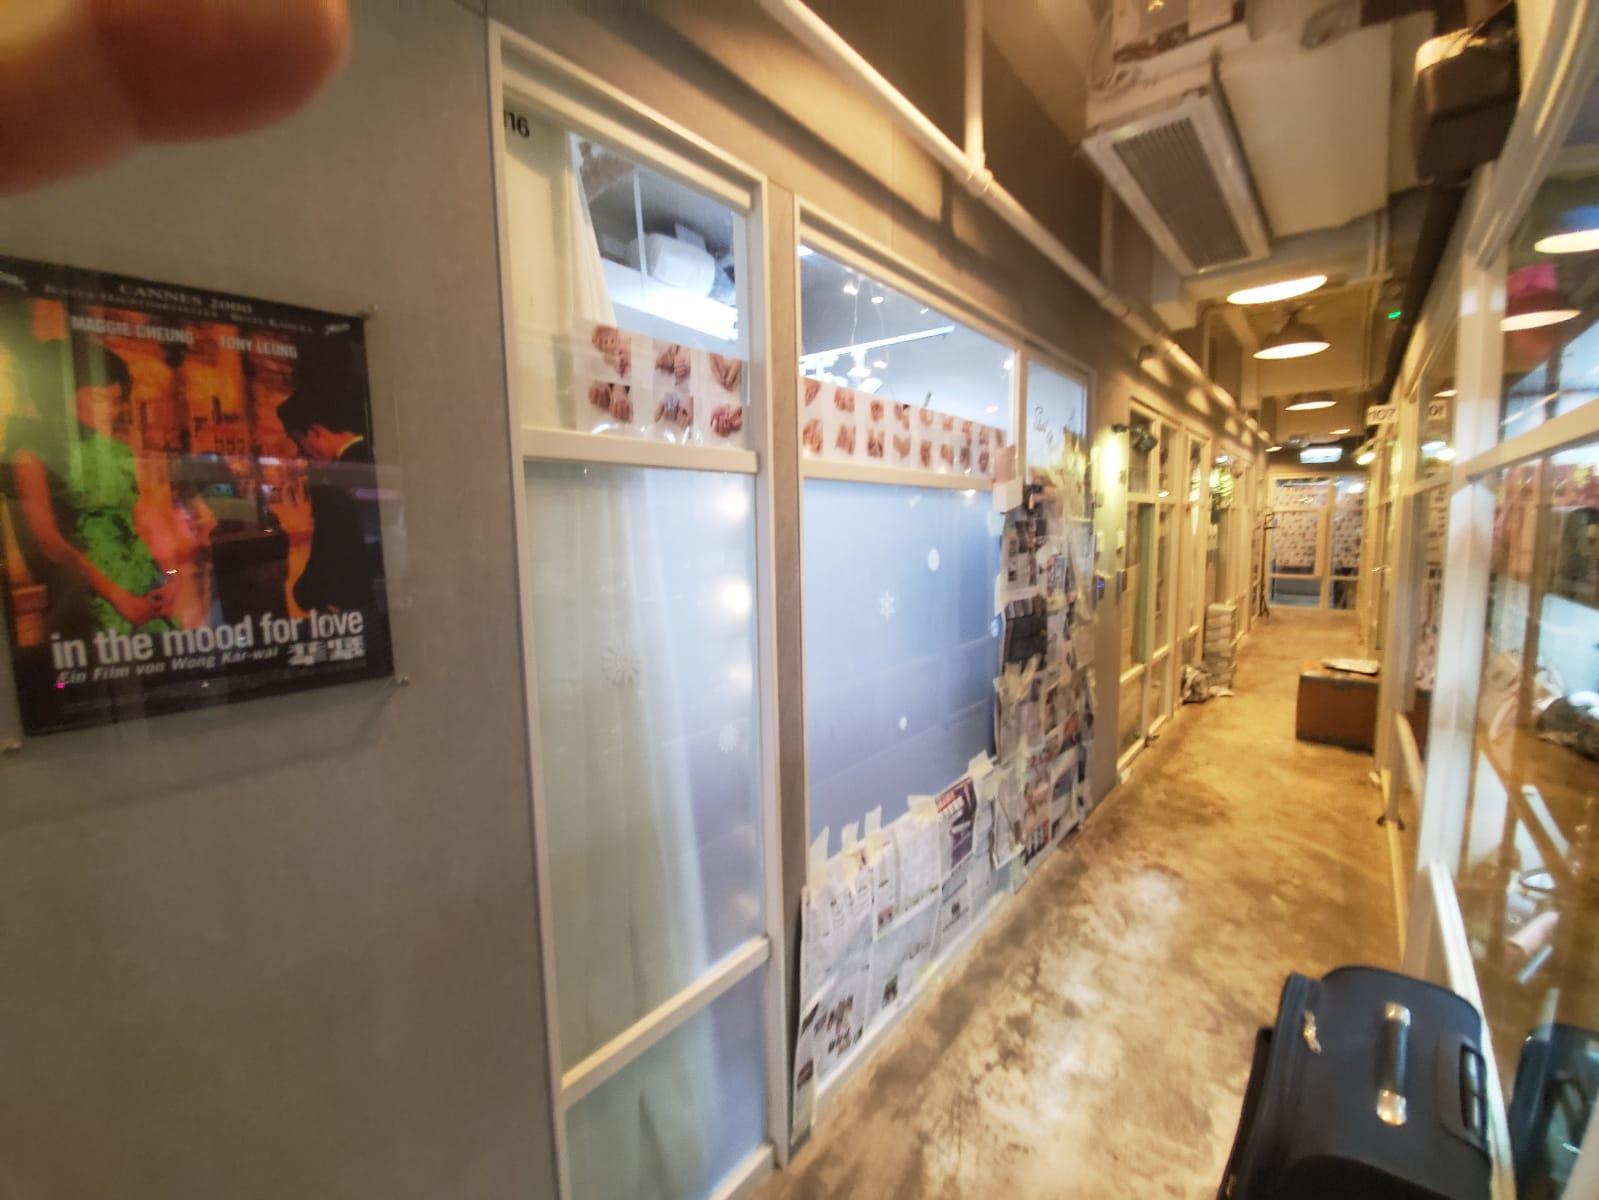 尖沙嘴美甲店遭歹徒淋潑紅油爆玻璃